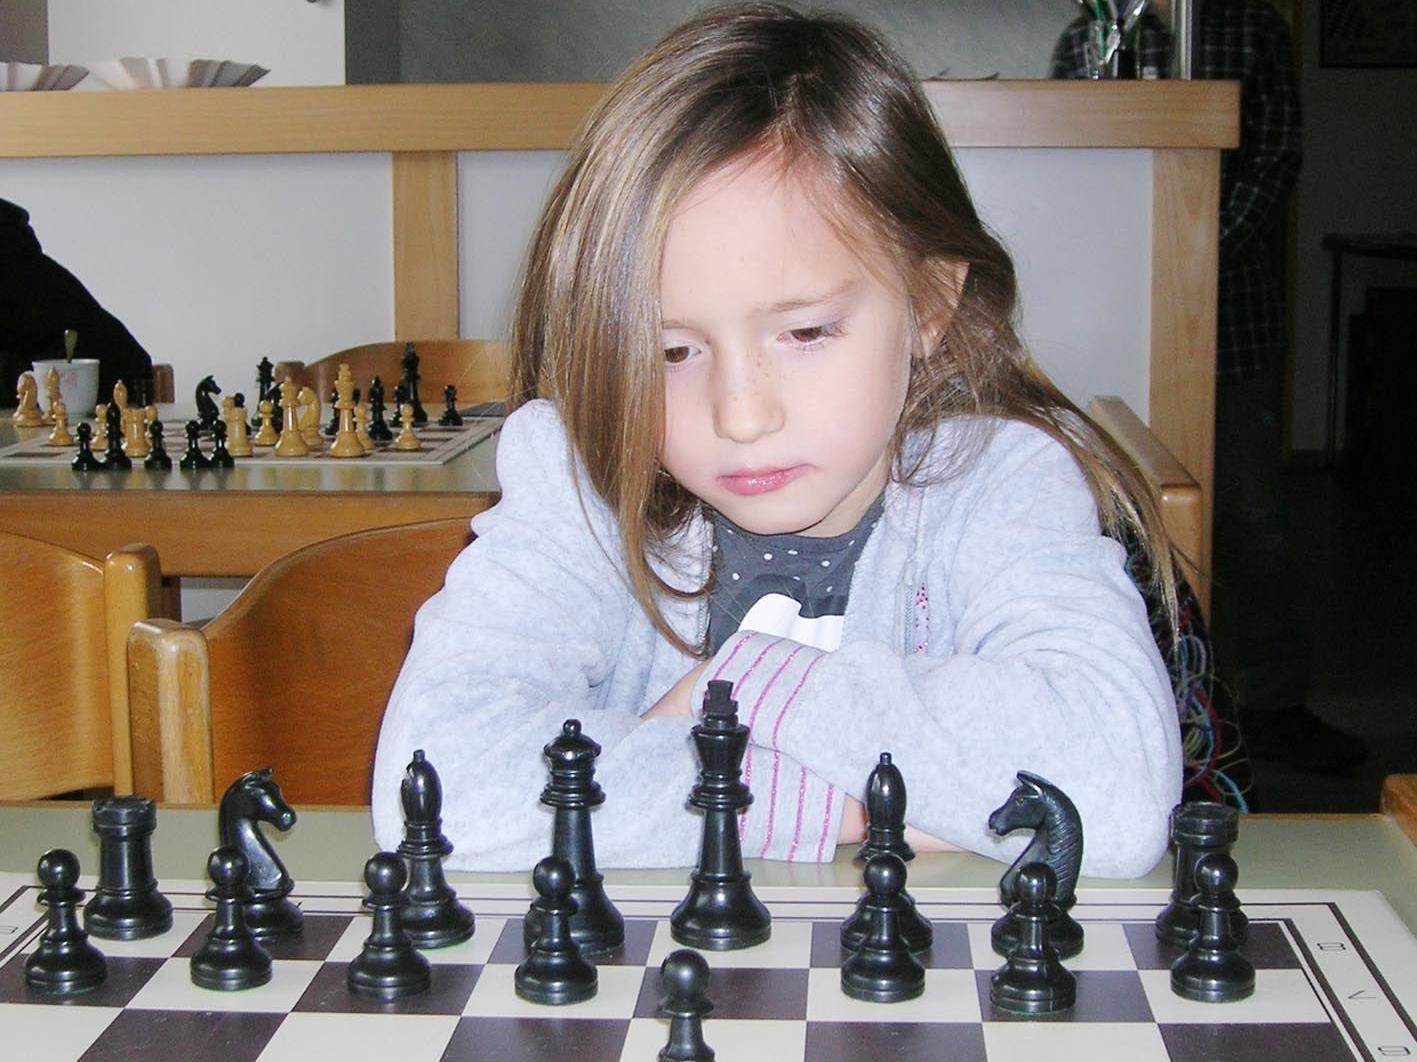 Alexa Nussbaumer holte 5 Siege in 5 Partien beim Schachrallye-Schülerturnier.